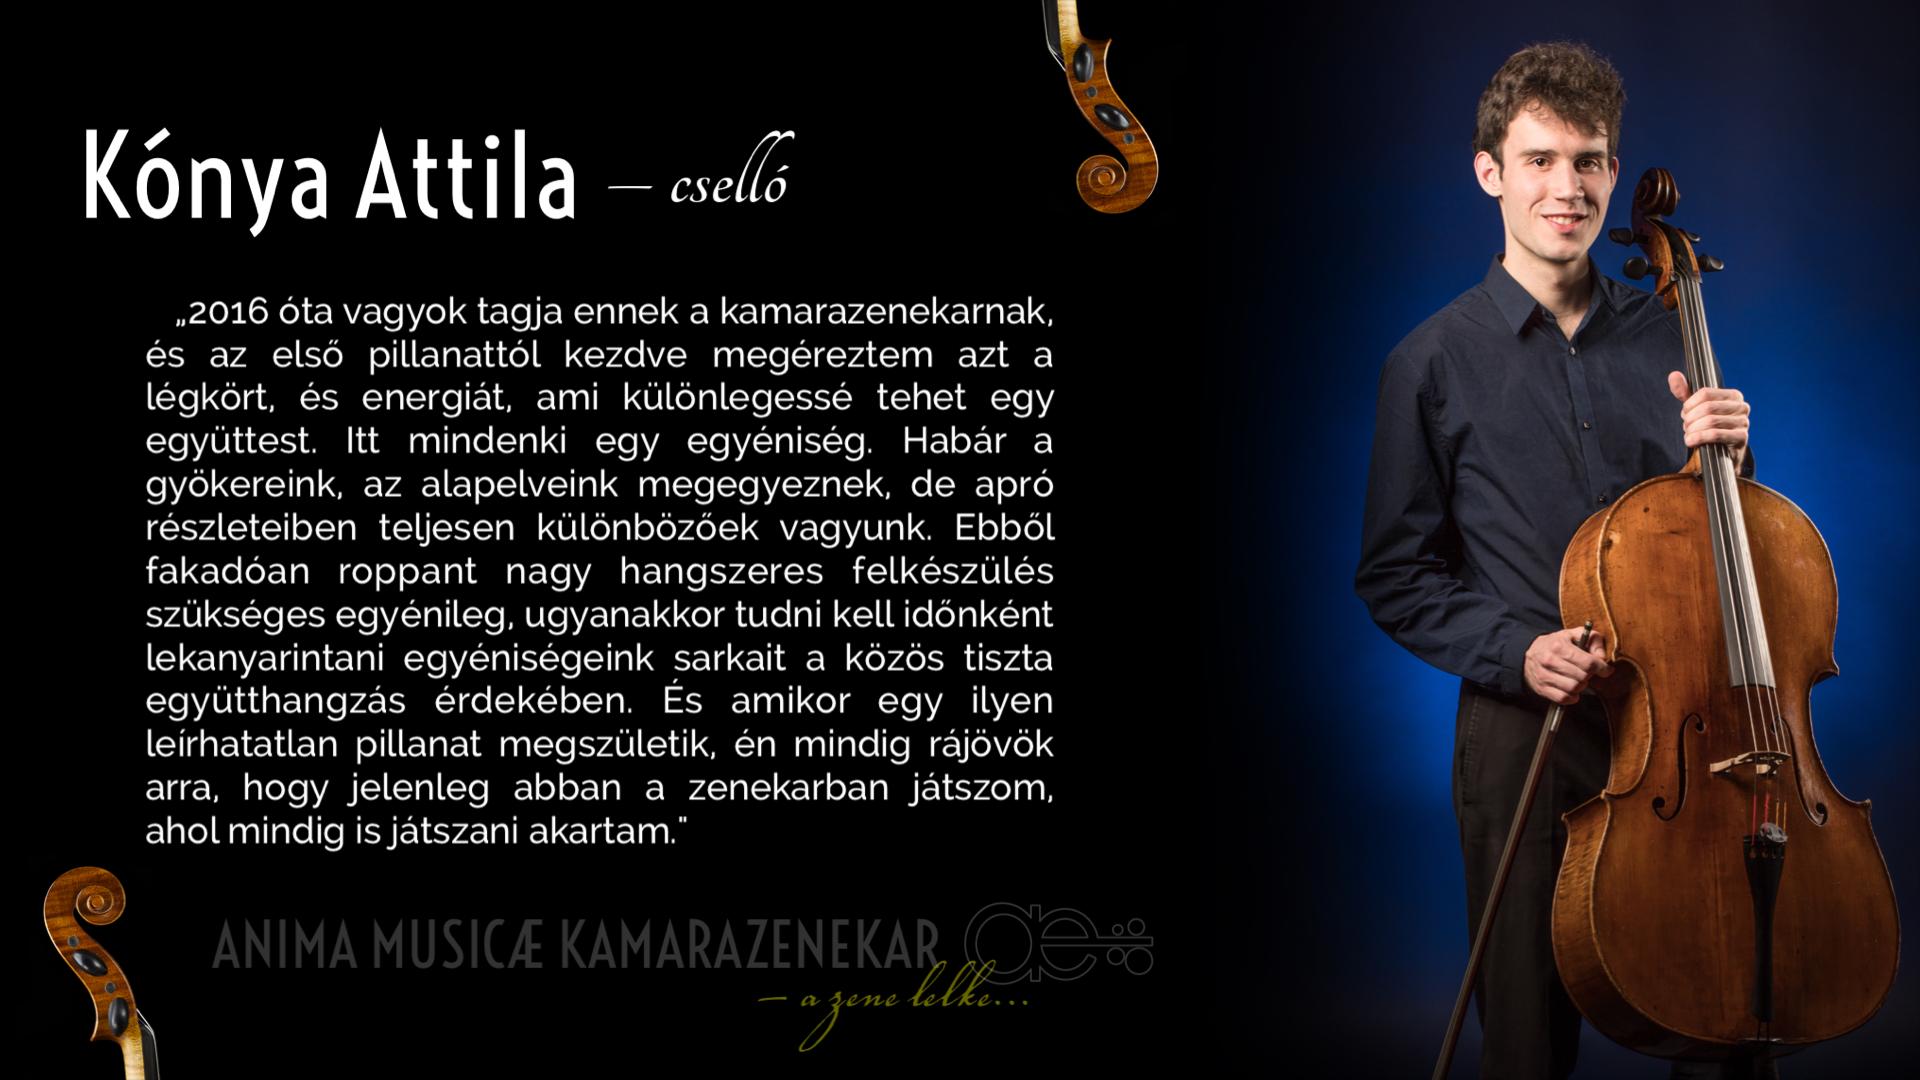 Kónya Attila